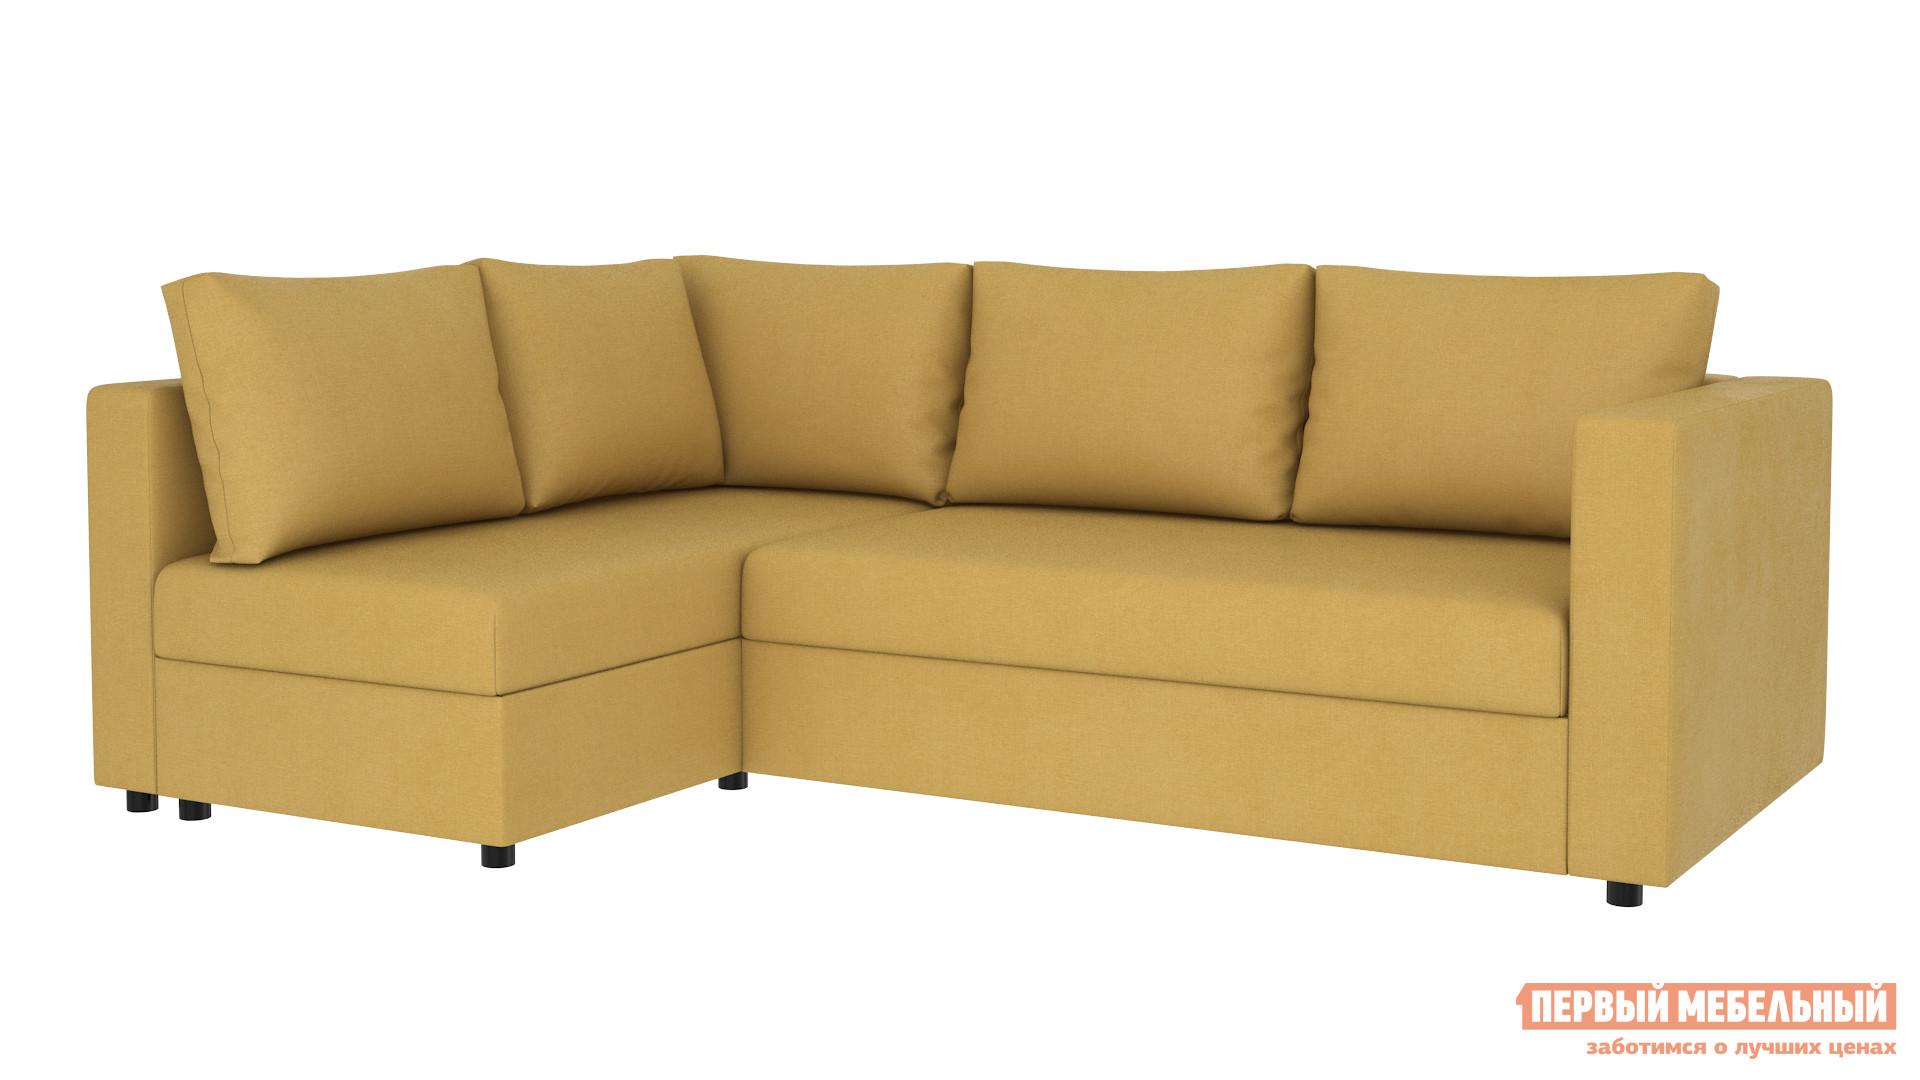 Угловой диван Первый Мебельный Мансберг цены онлайн